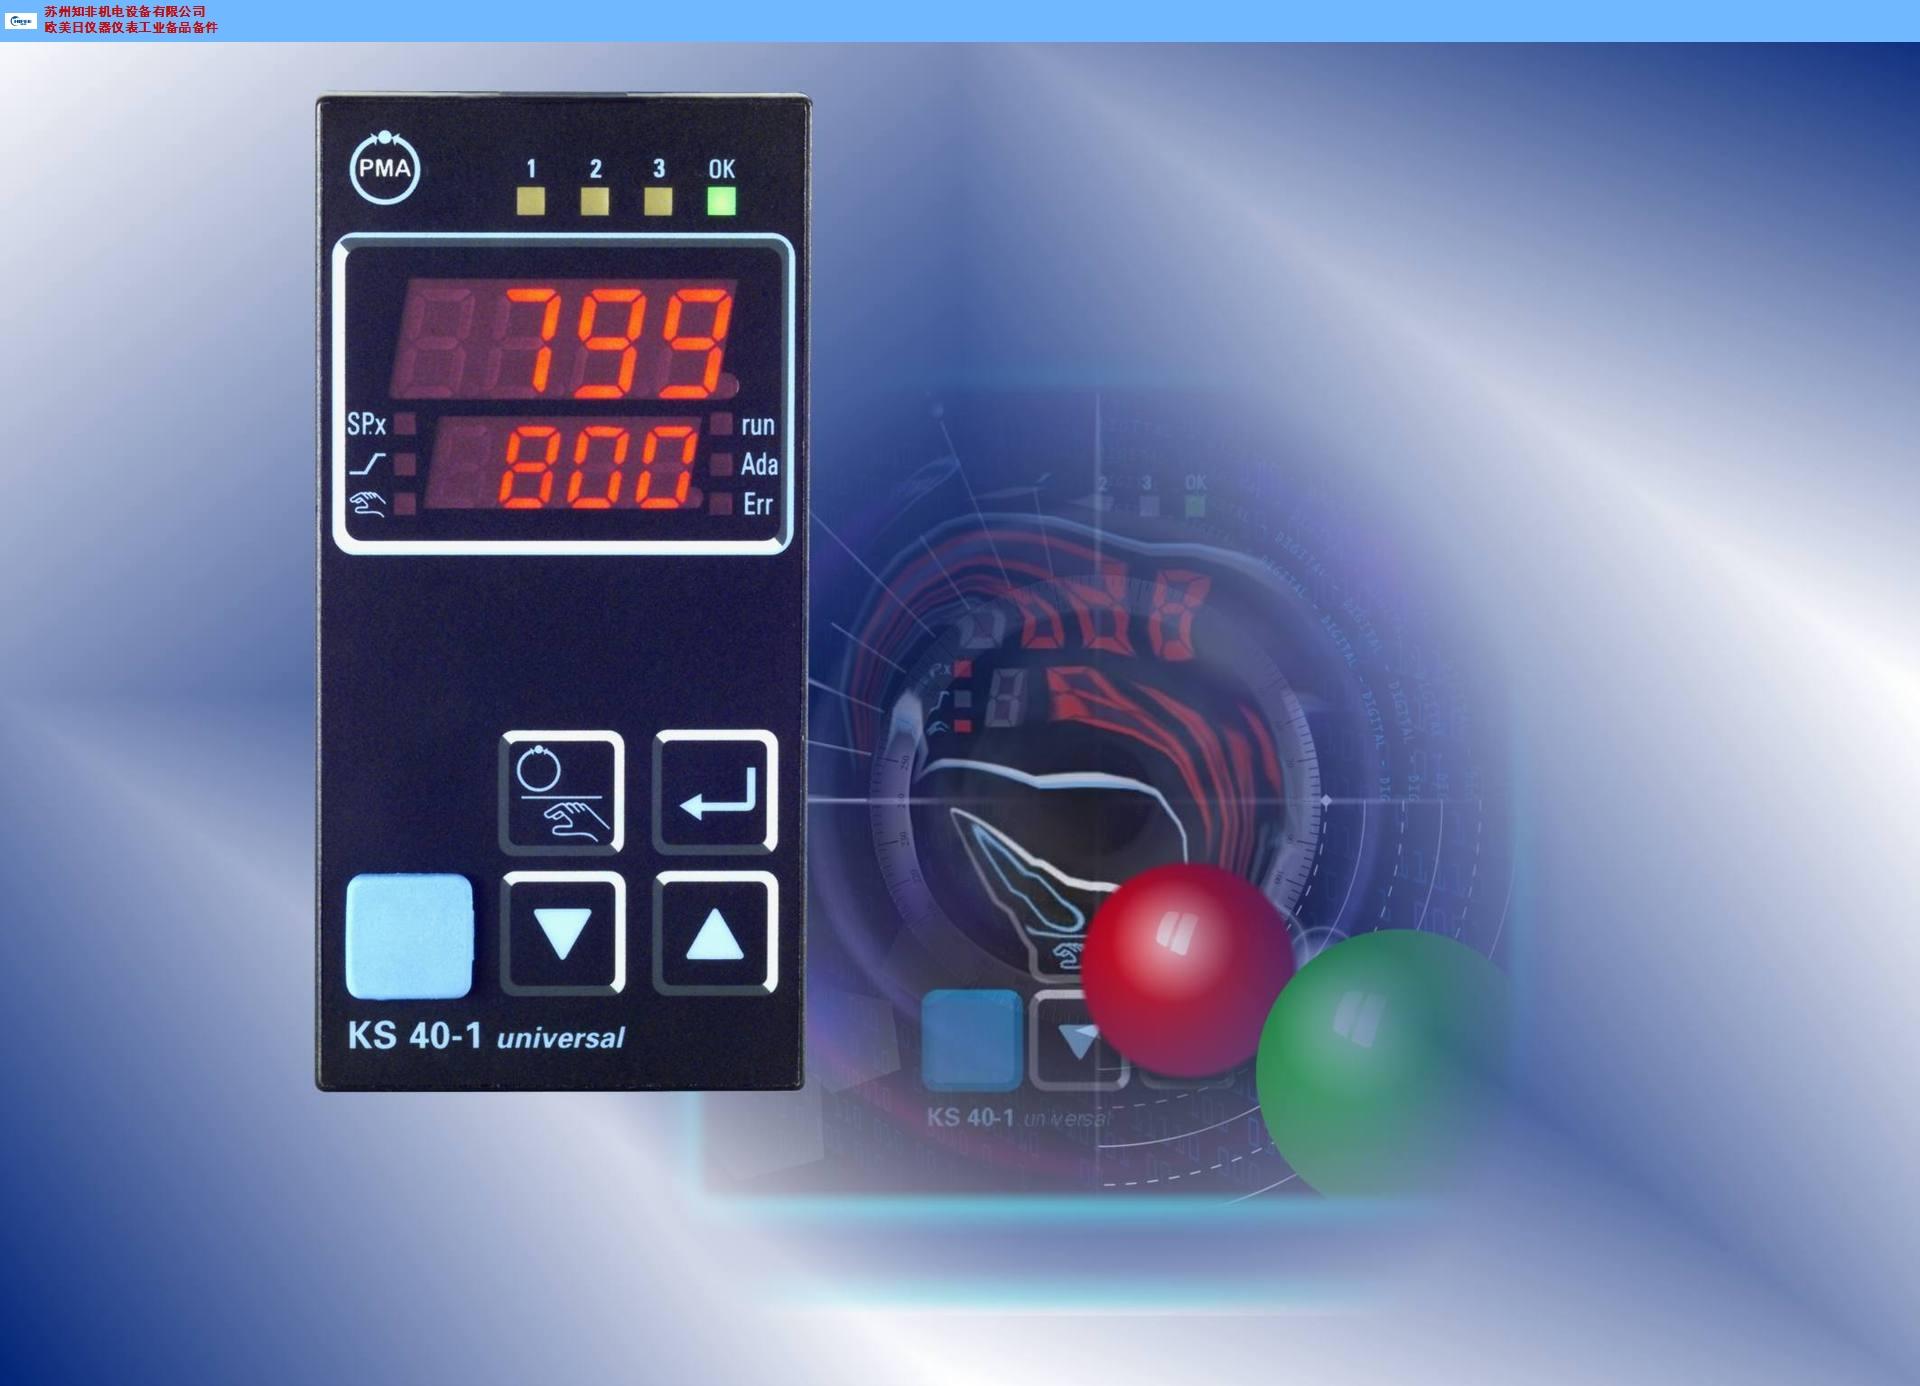 江苏墙面安装温度控制器原装进口 值得信赖 苏州知非机电设备供应